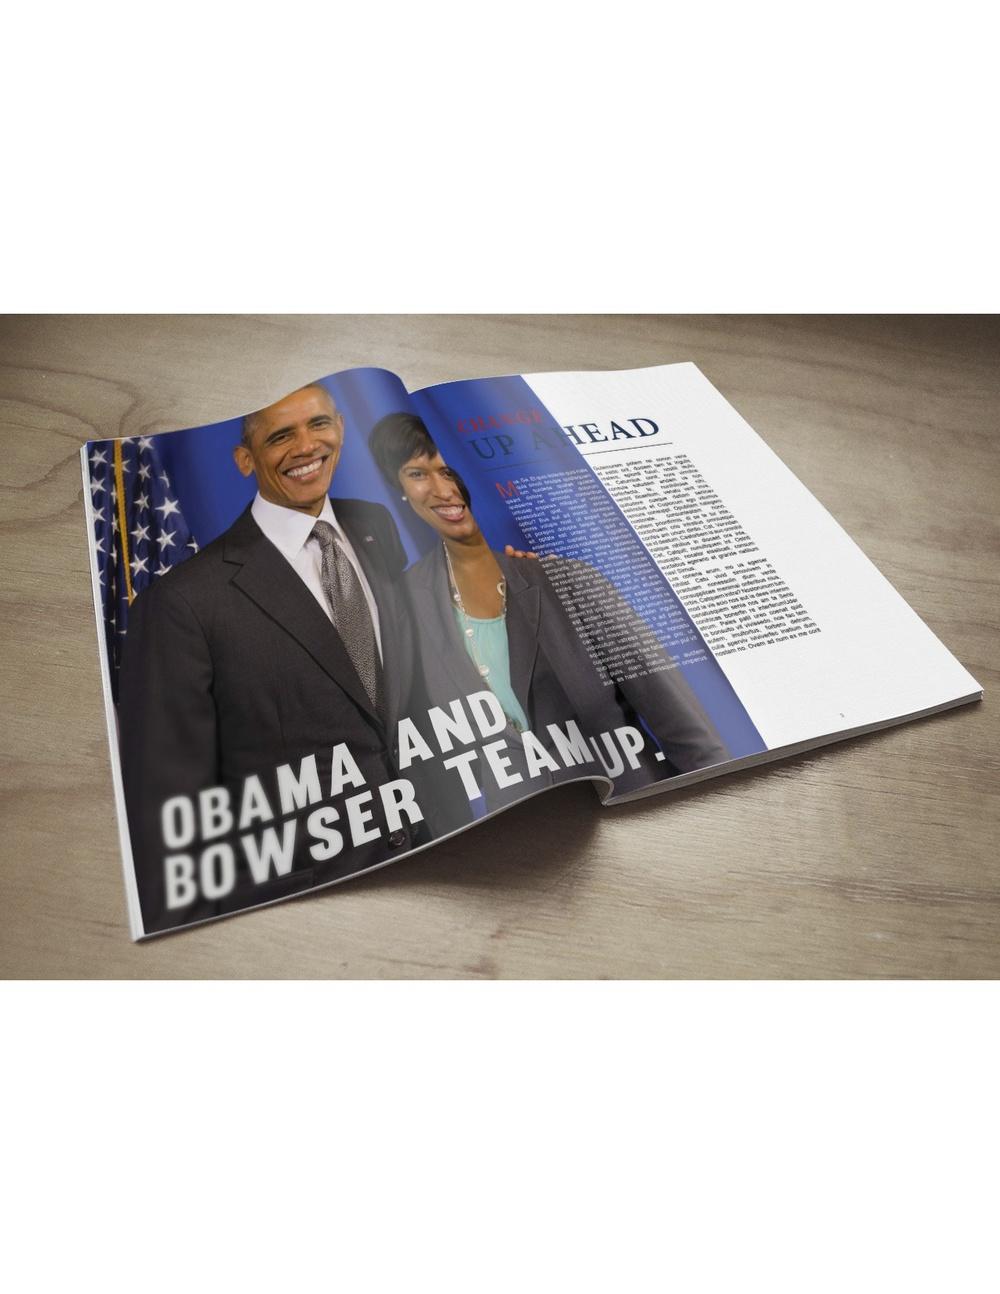 obamabowser.jpg